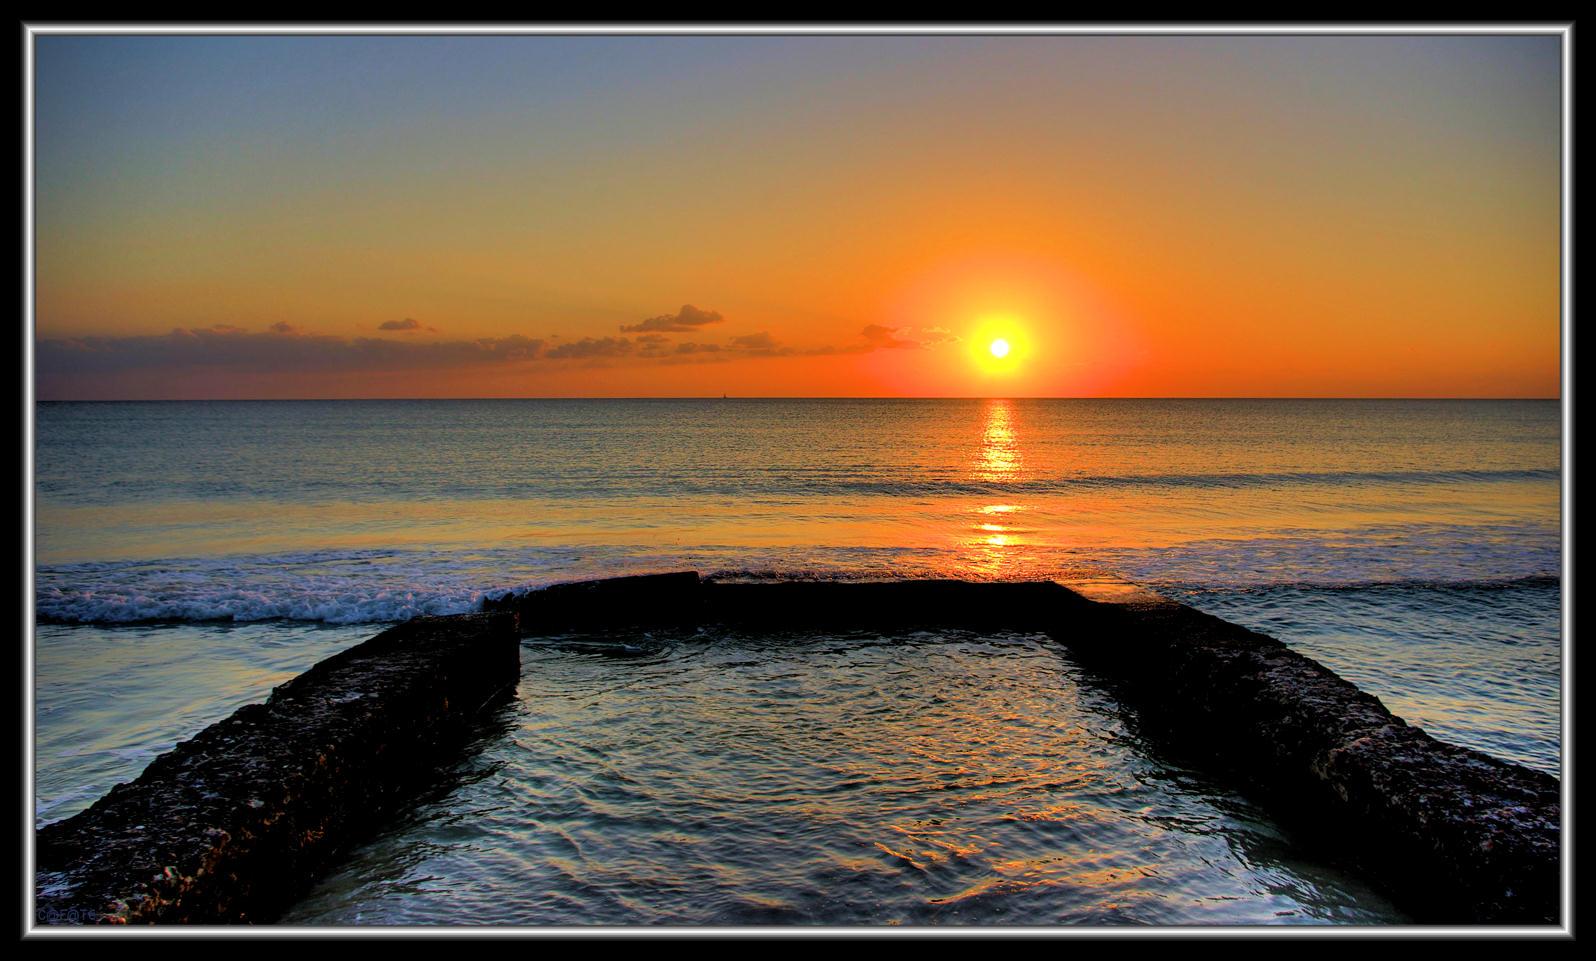 Foto playa Es Trenc. Posta Sol Platja des Trenc - Mallorca - Buy a print in - http://cafate.blogspot.com/